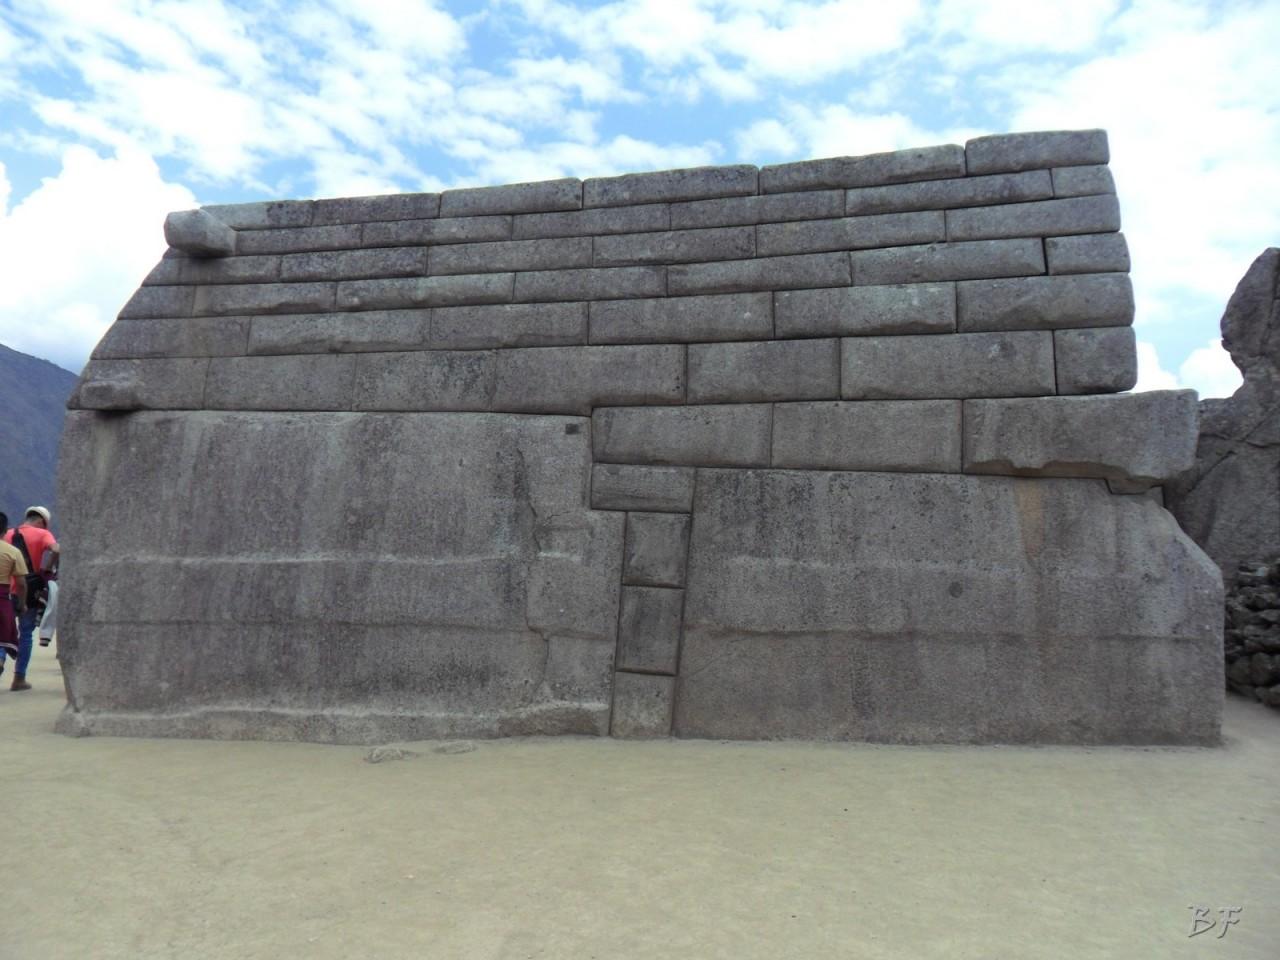 Mura-Poligonali-Incisioni-Altari-Edifici-Rupestri-Megaliti-Machu-Picchu-Aguas-Calientes-Urubamba-Cusco-Perù-104